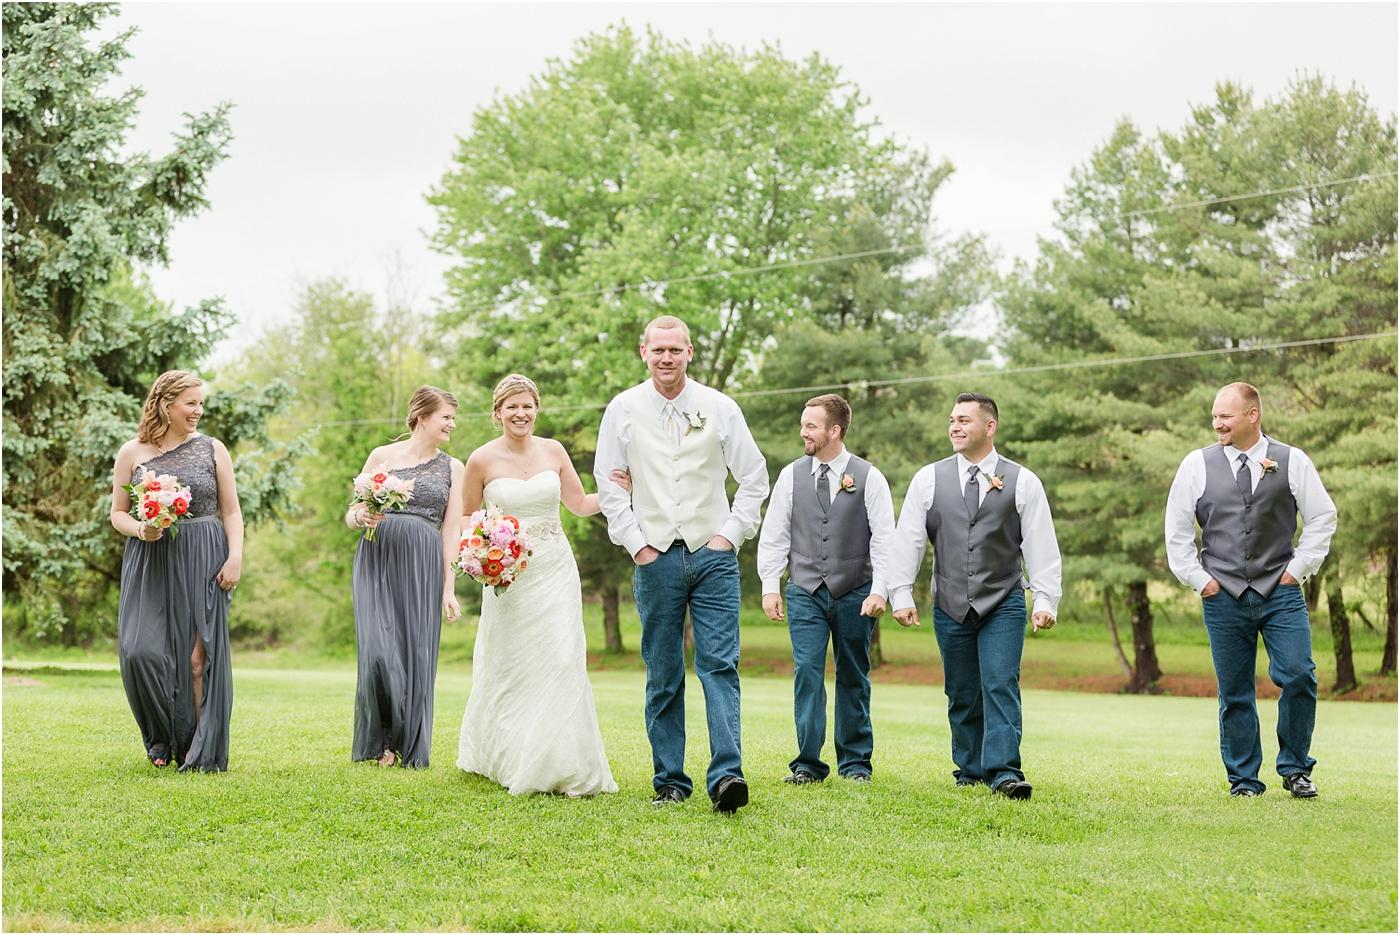 Royer-House-Wedding-Photos-55.jpg